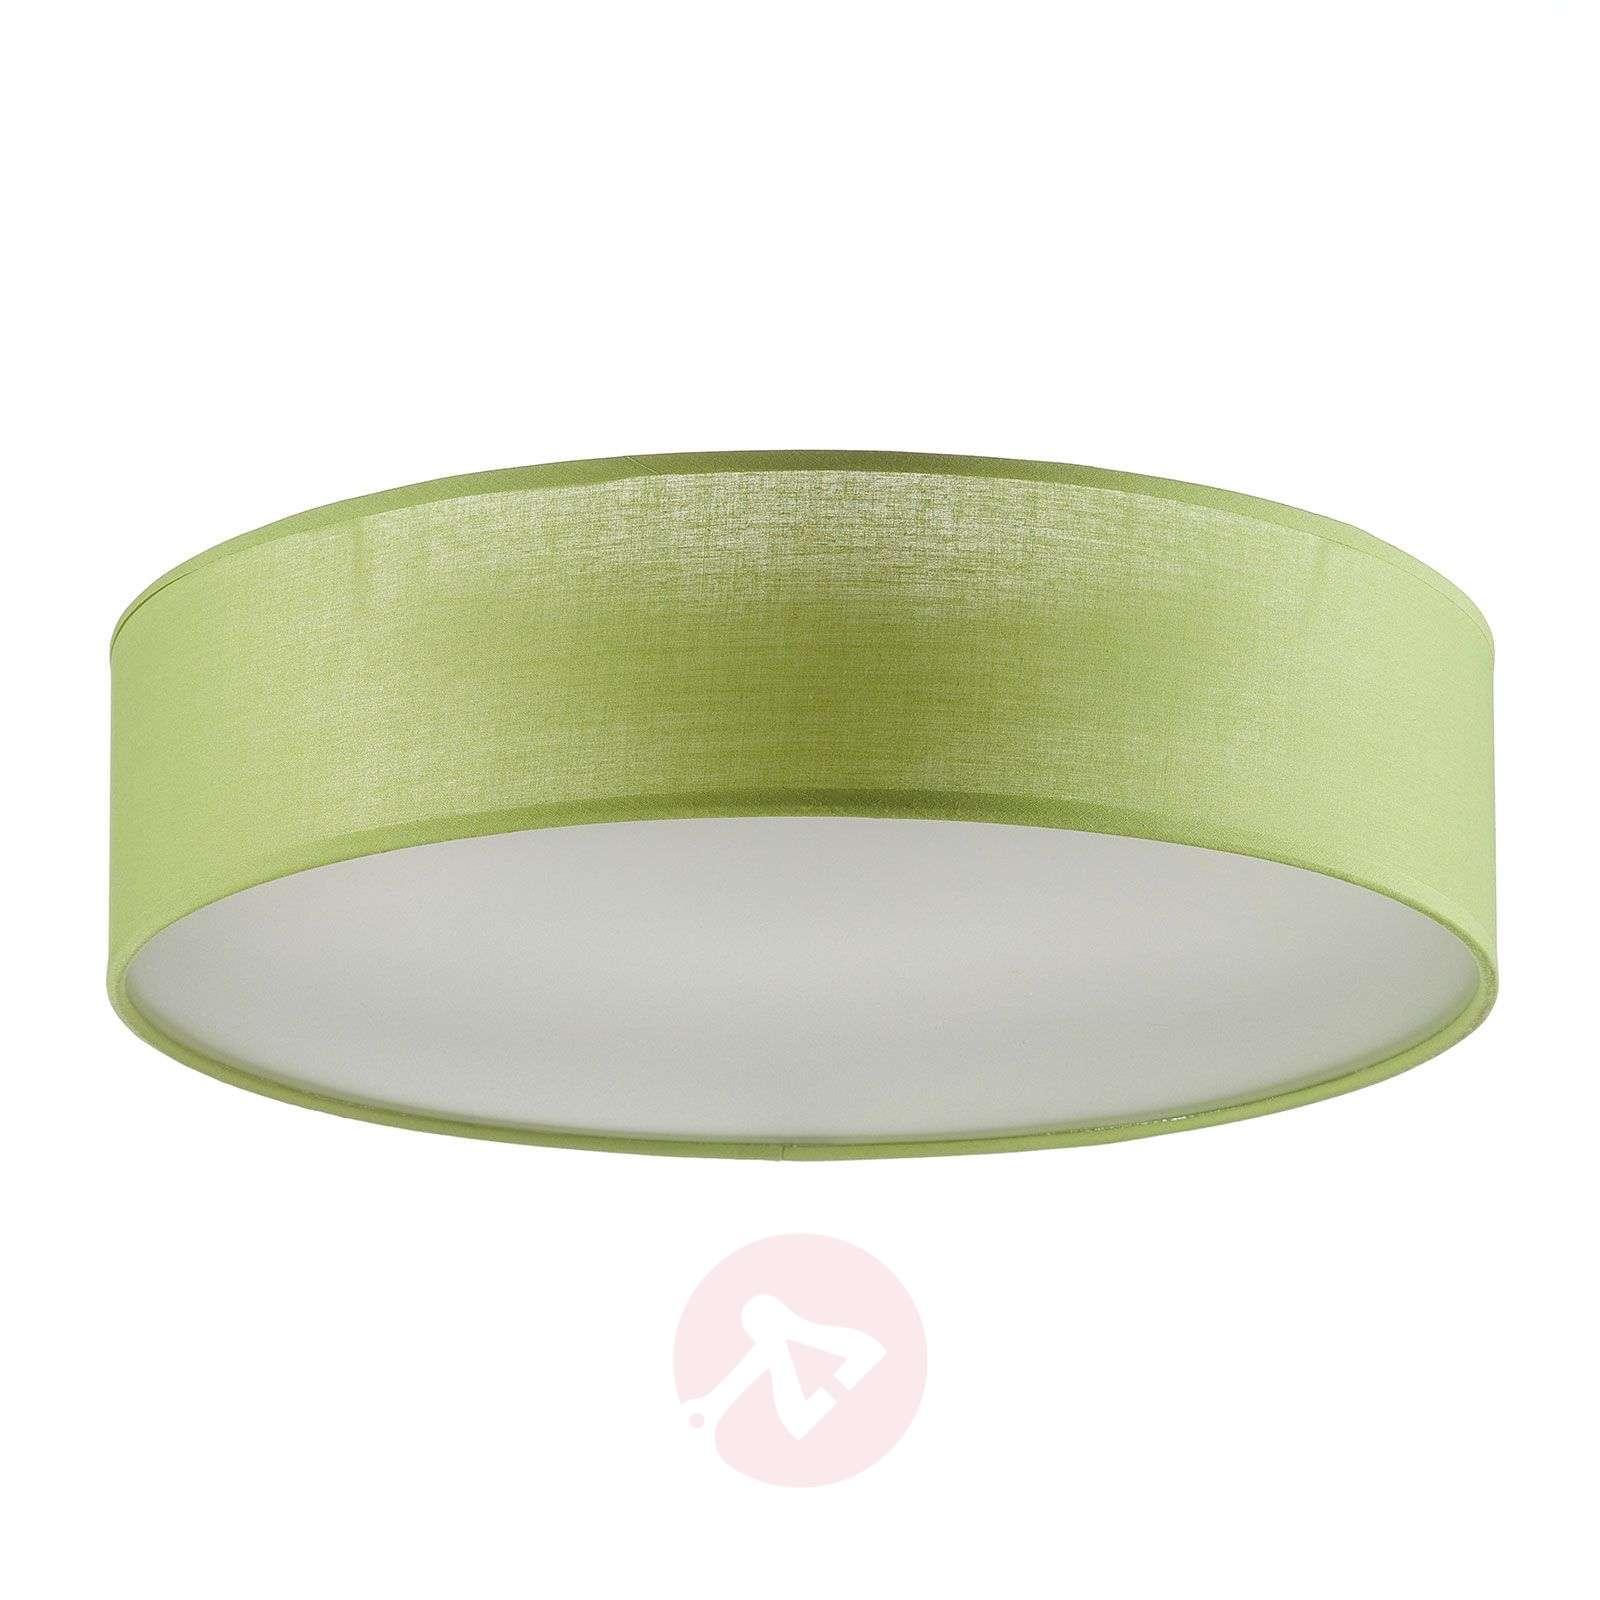 Vihreä Jitendra-tekstiilikattovalaisin-7255199-01